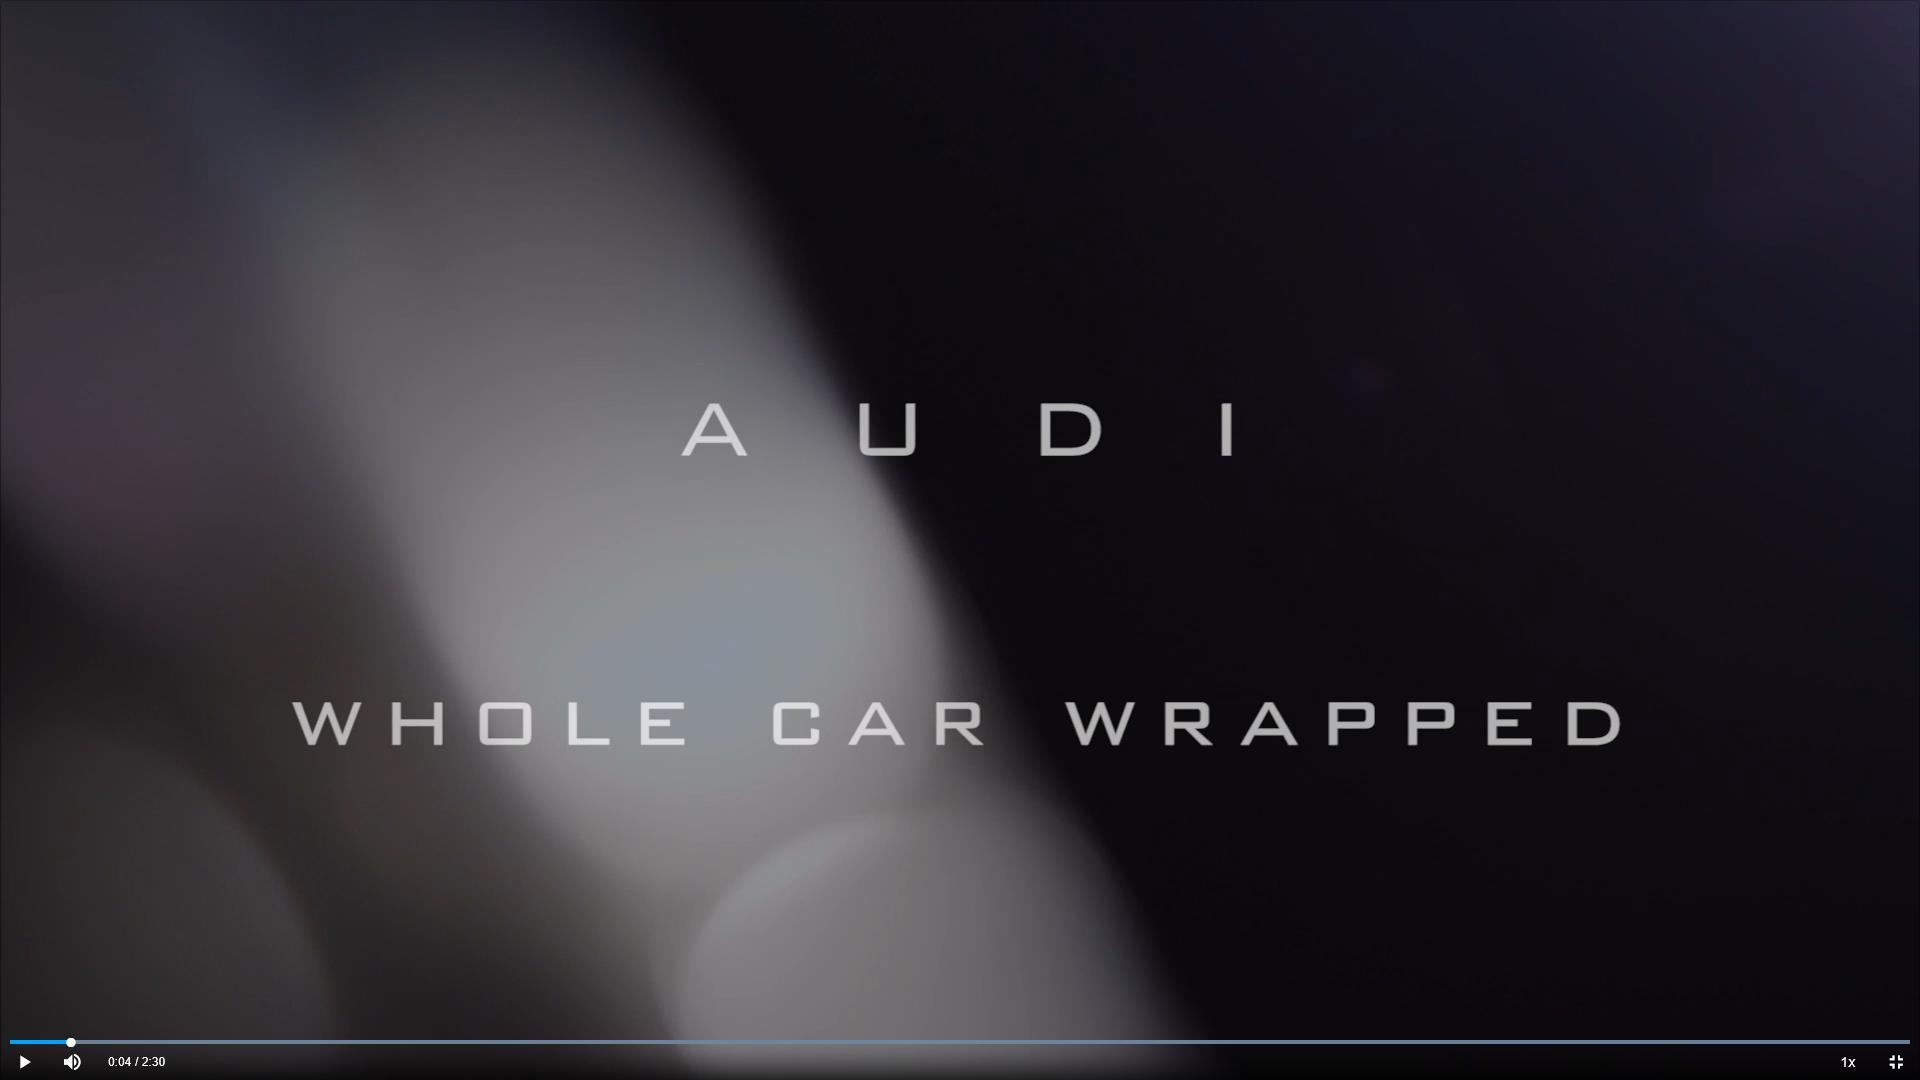 奥迪A8贴UPPF优帕隐形车衣效果